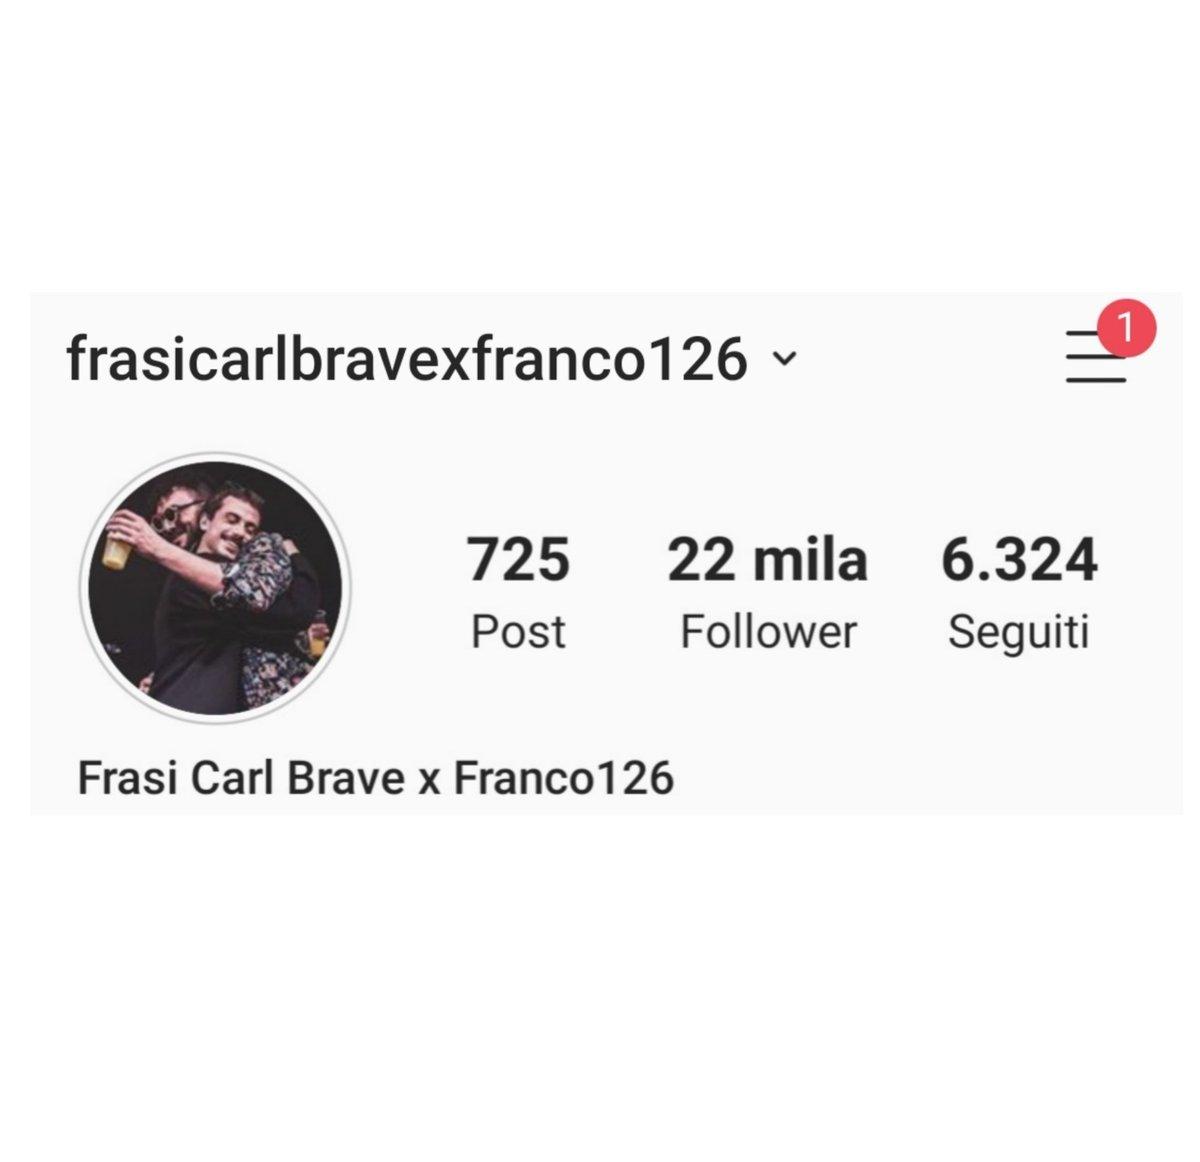 Frasi Carl Brave & Franco126